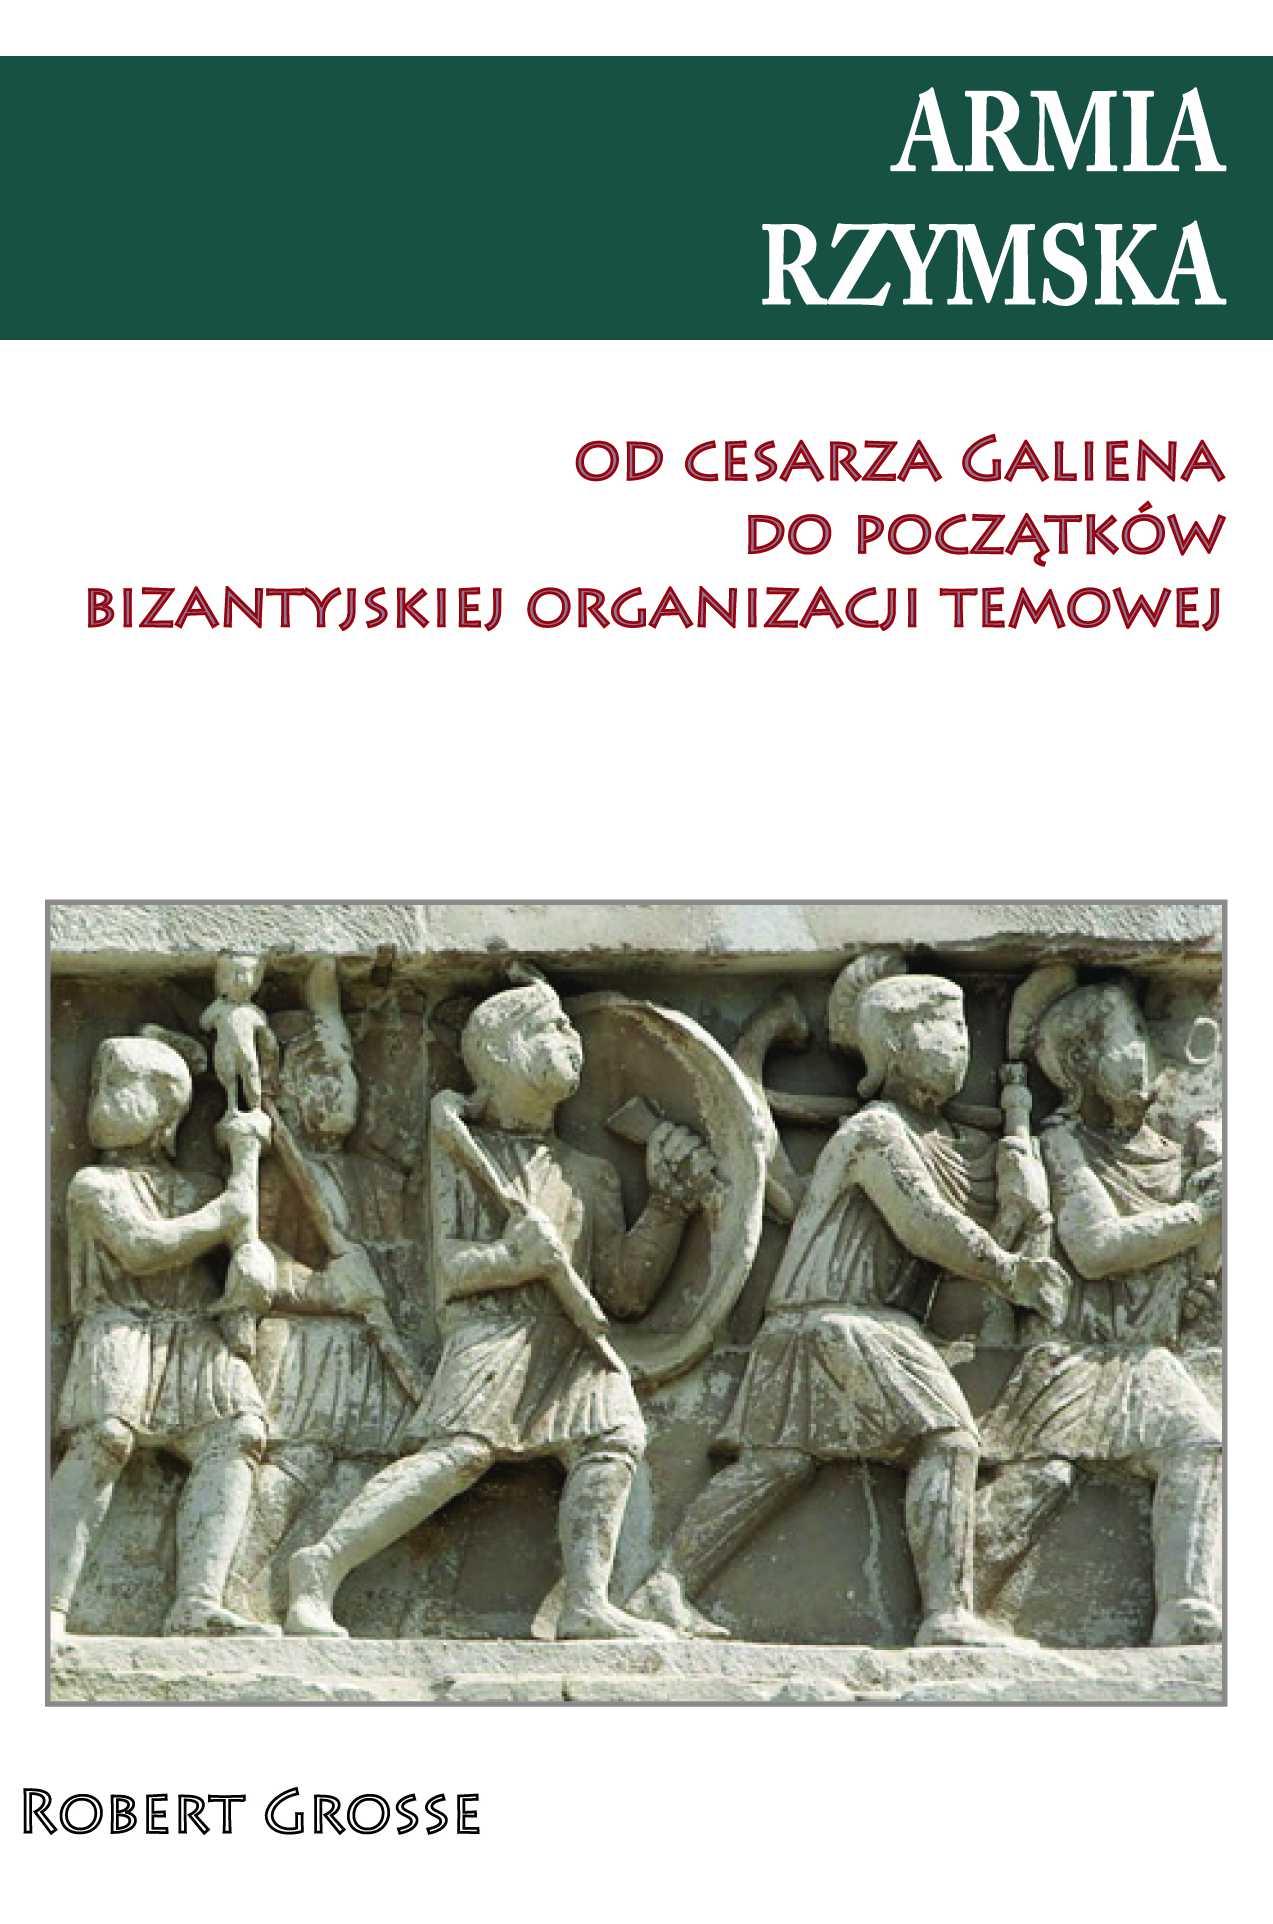 Armia rzymska od Cesarza Galiena do początków bizantyjskiej organizacji temowej - Ebook (Książka EPUB) do pobrania w formacie EPUB